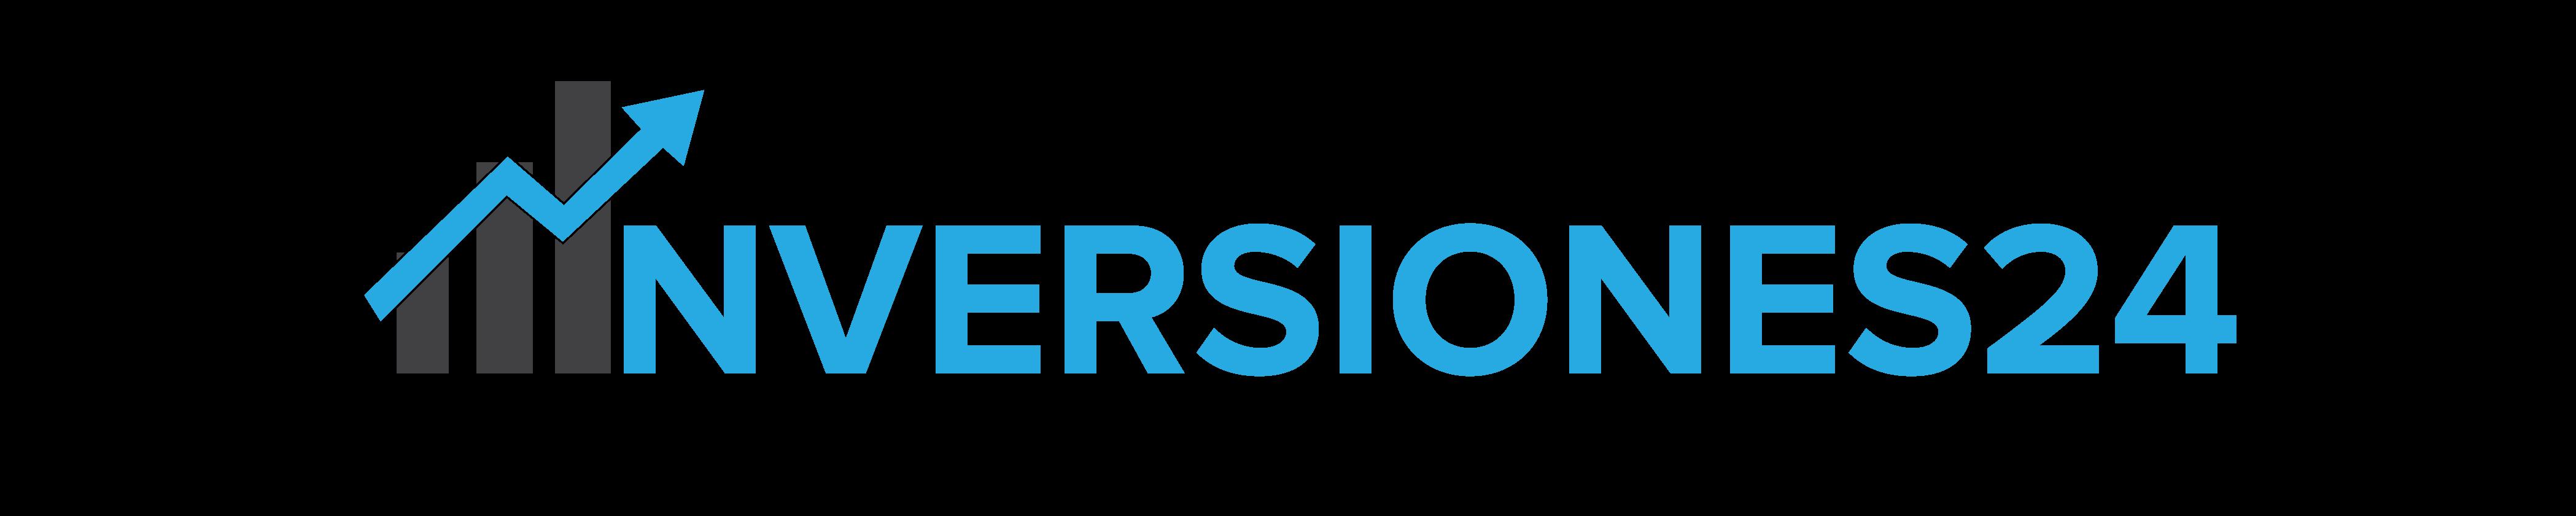 Inversiones24